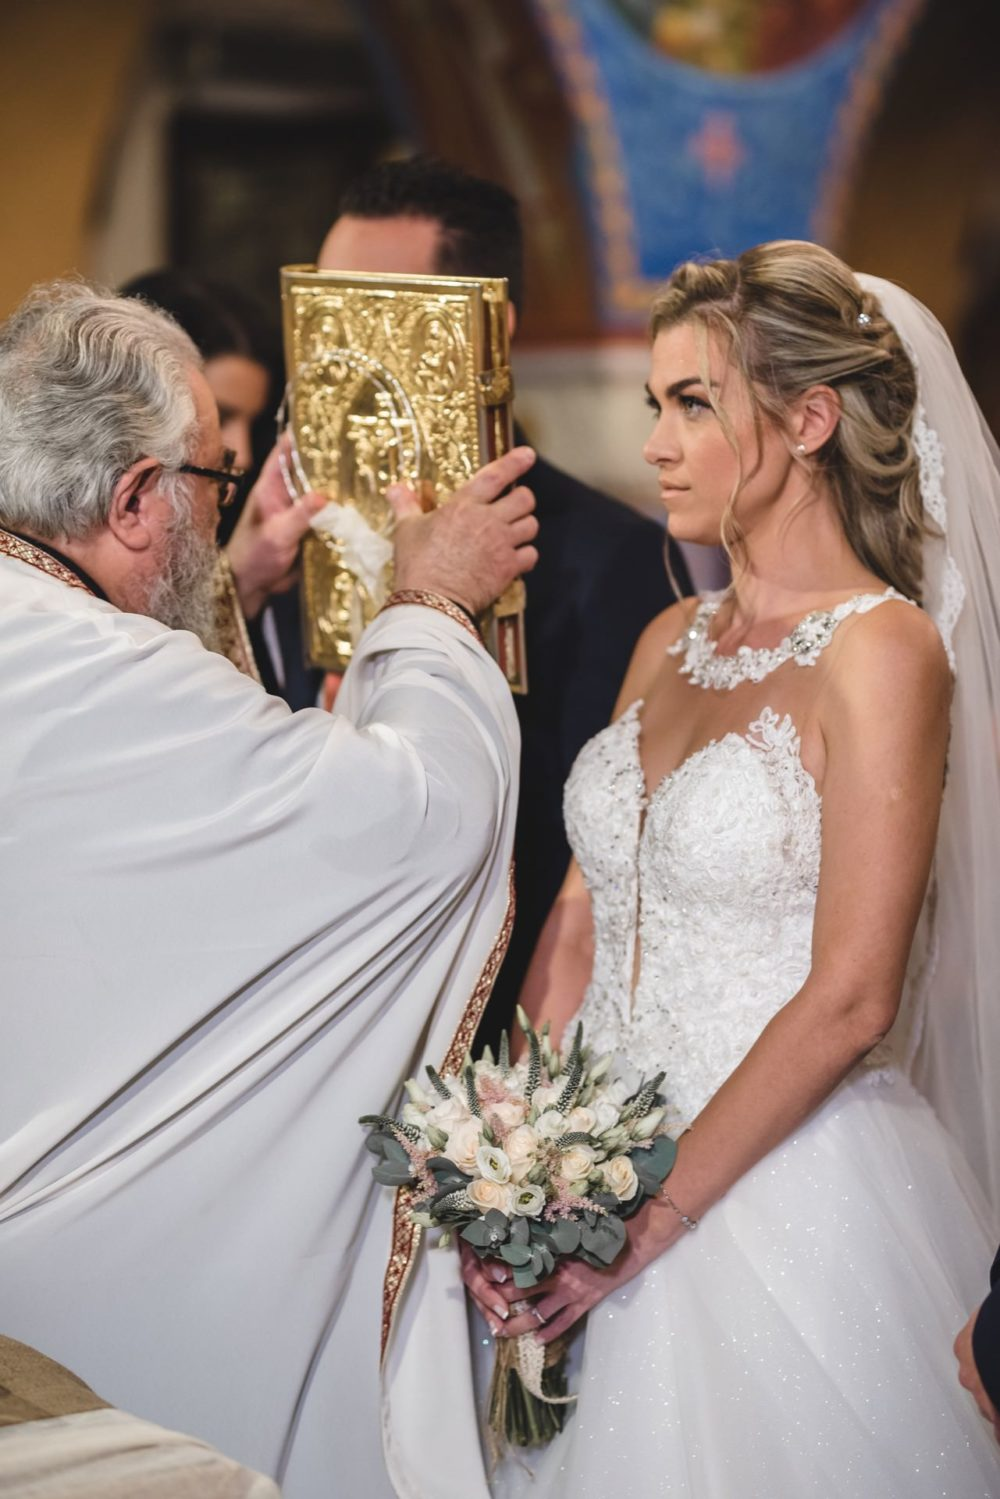 Fotografisi Gamou Wedding Gamos Fotografos Ilias & Dimitra070